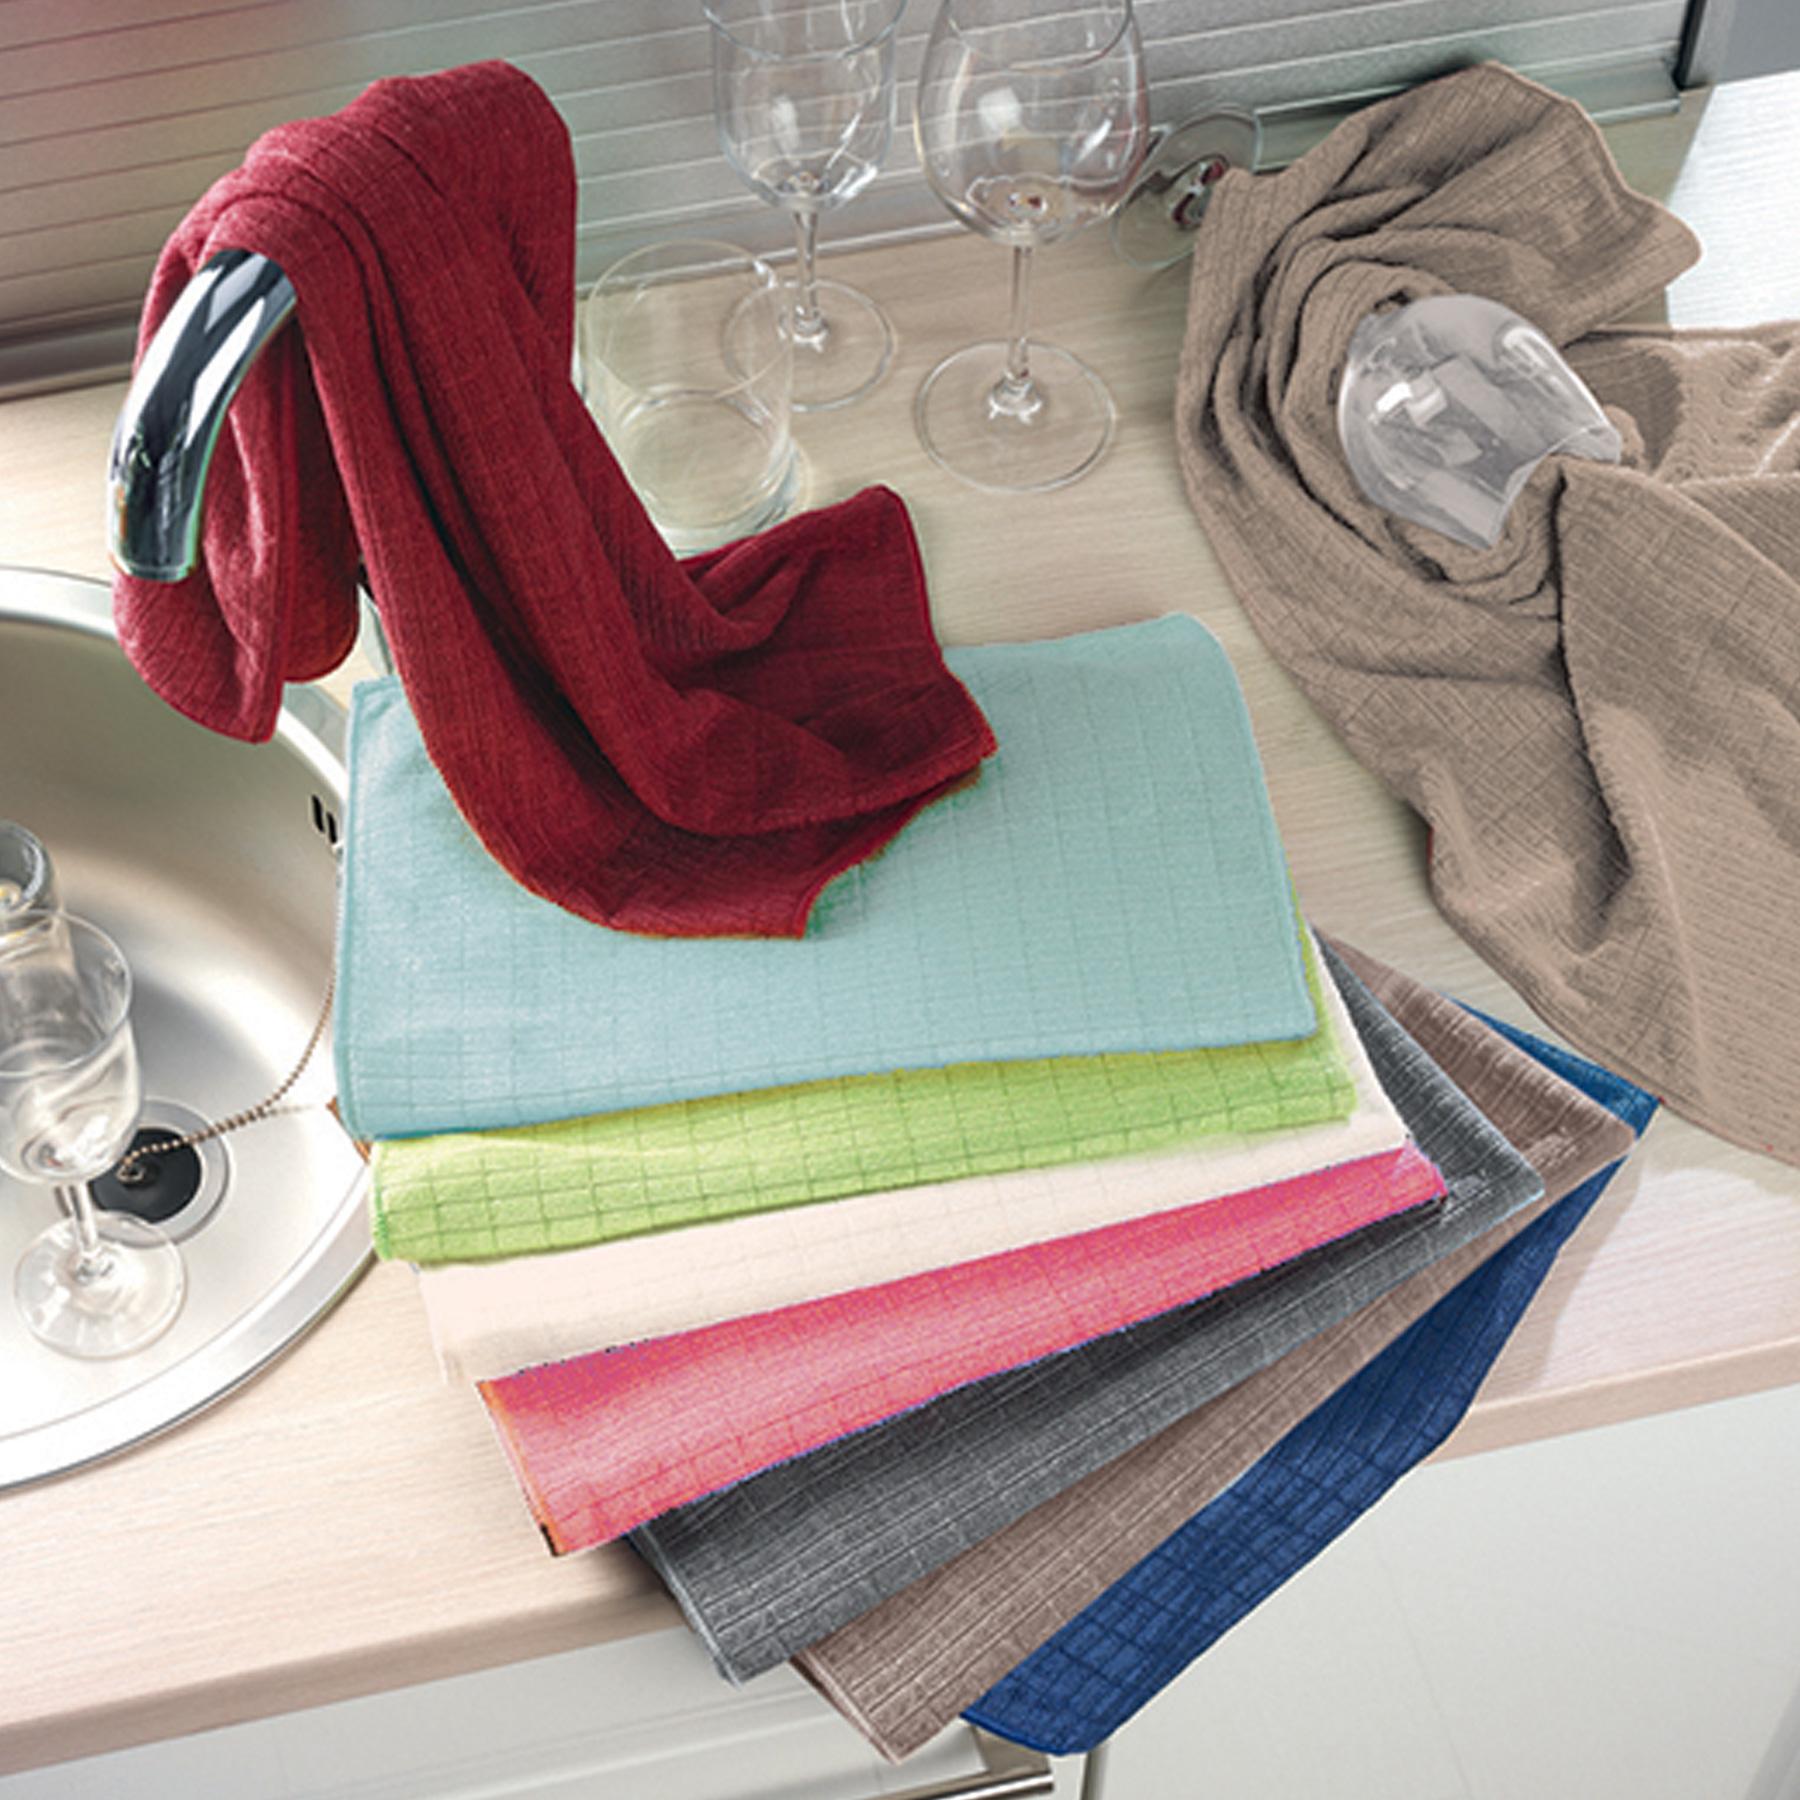 Küchentuch | Gläserpoliertuch - Küchenwäsche - Gastronomie - Hotel ...